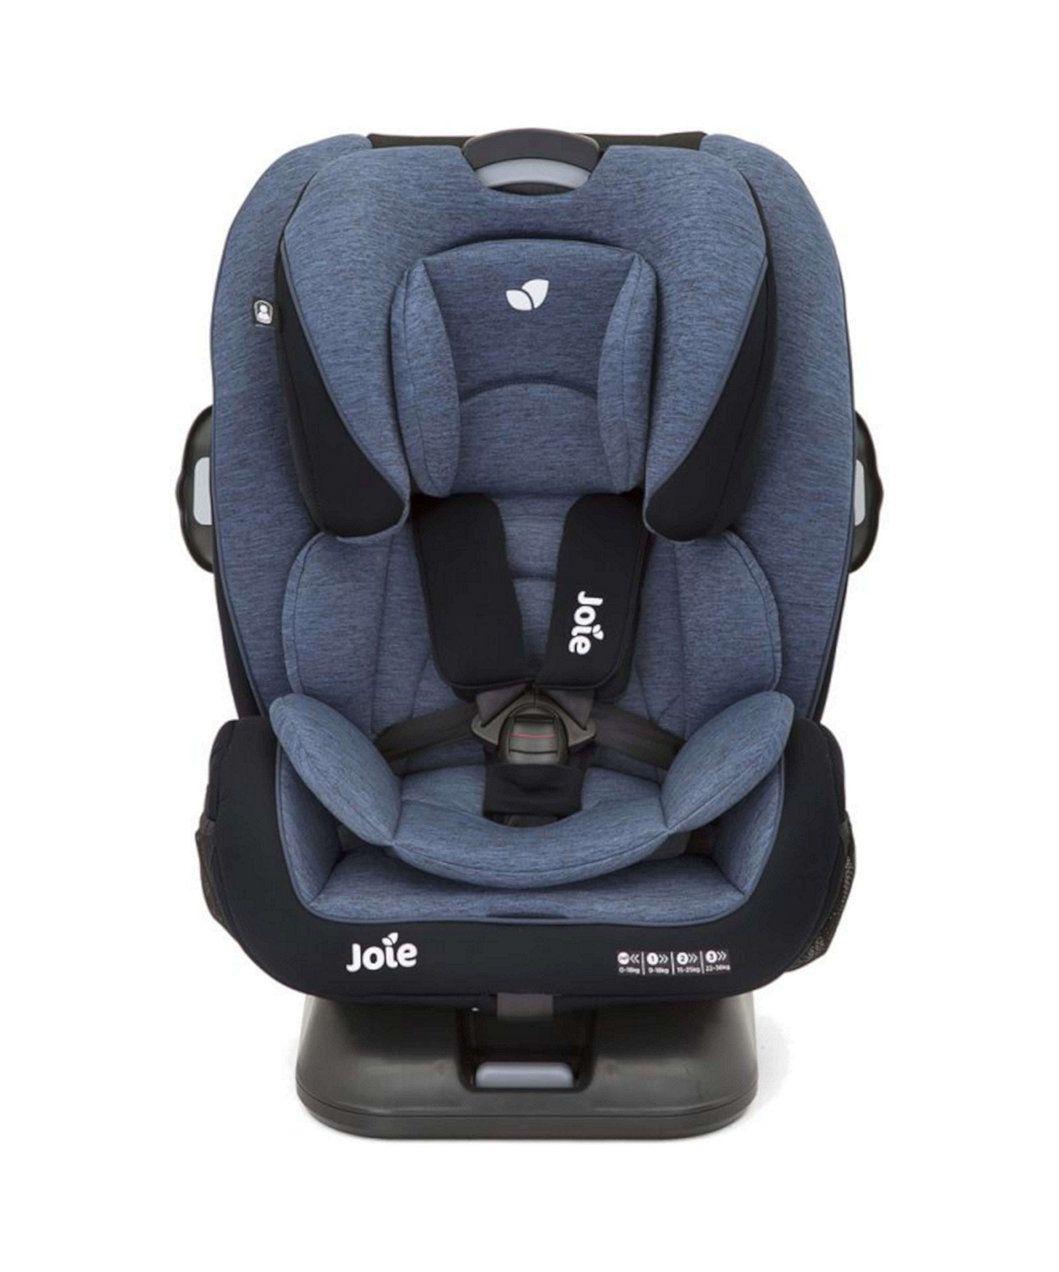 Joie Every Stage FX Car Seat Navy Blazer Car seats